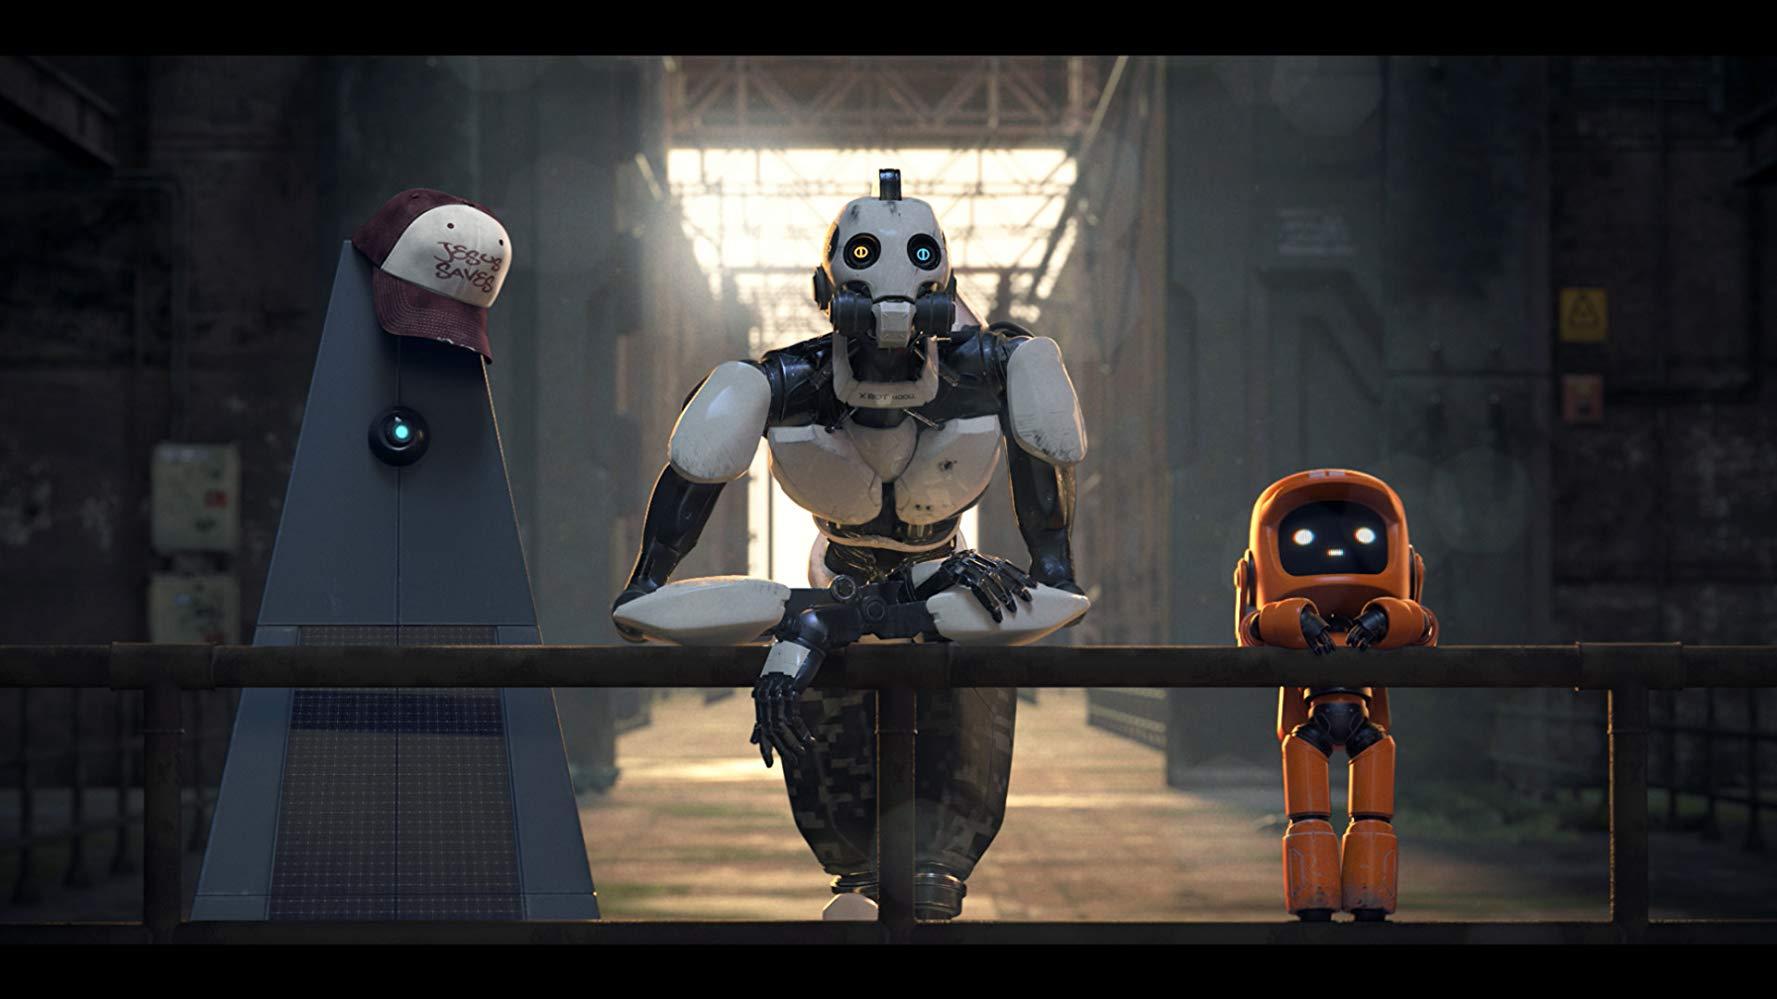 L,D&R - Tre Robot: Tanto humor, ma poco black 1